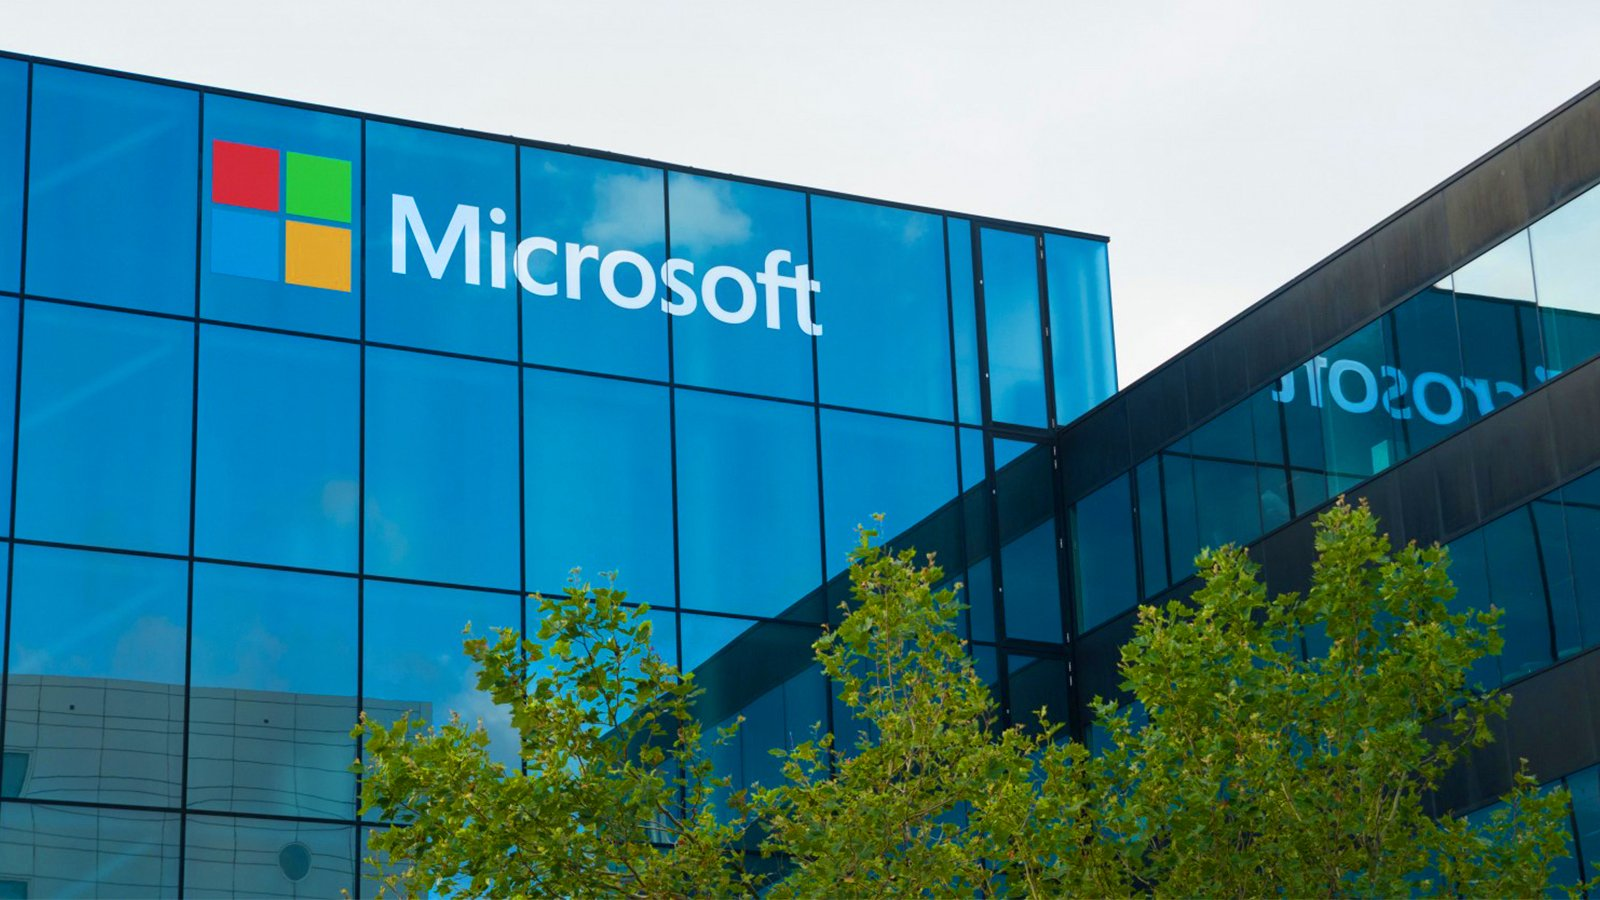 Quanto Costa Office 365? Facciamo Chiarezza sulle Licenze Microsoft 365